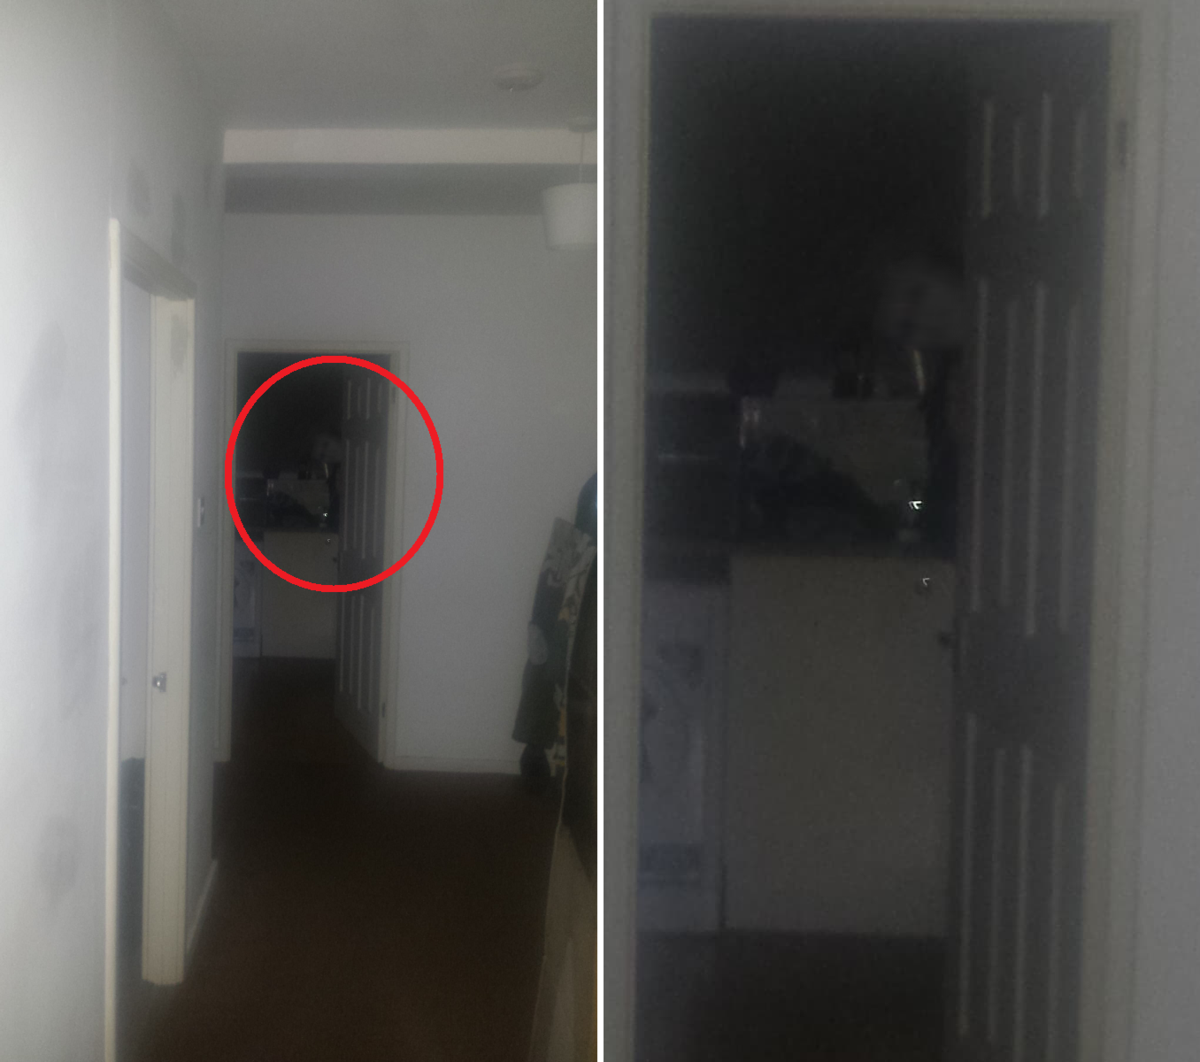 照片嚇到他當下決定搬家!(翻攝自Reddit/OopySpoopyMan)